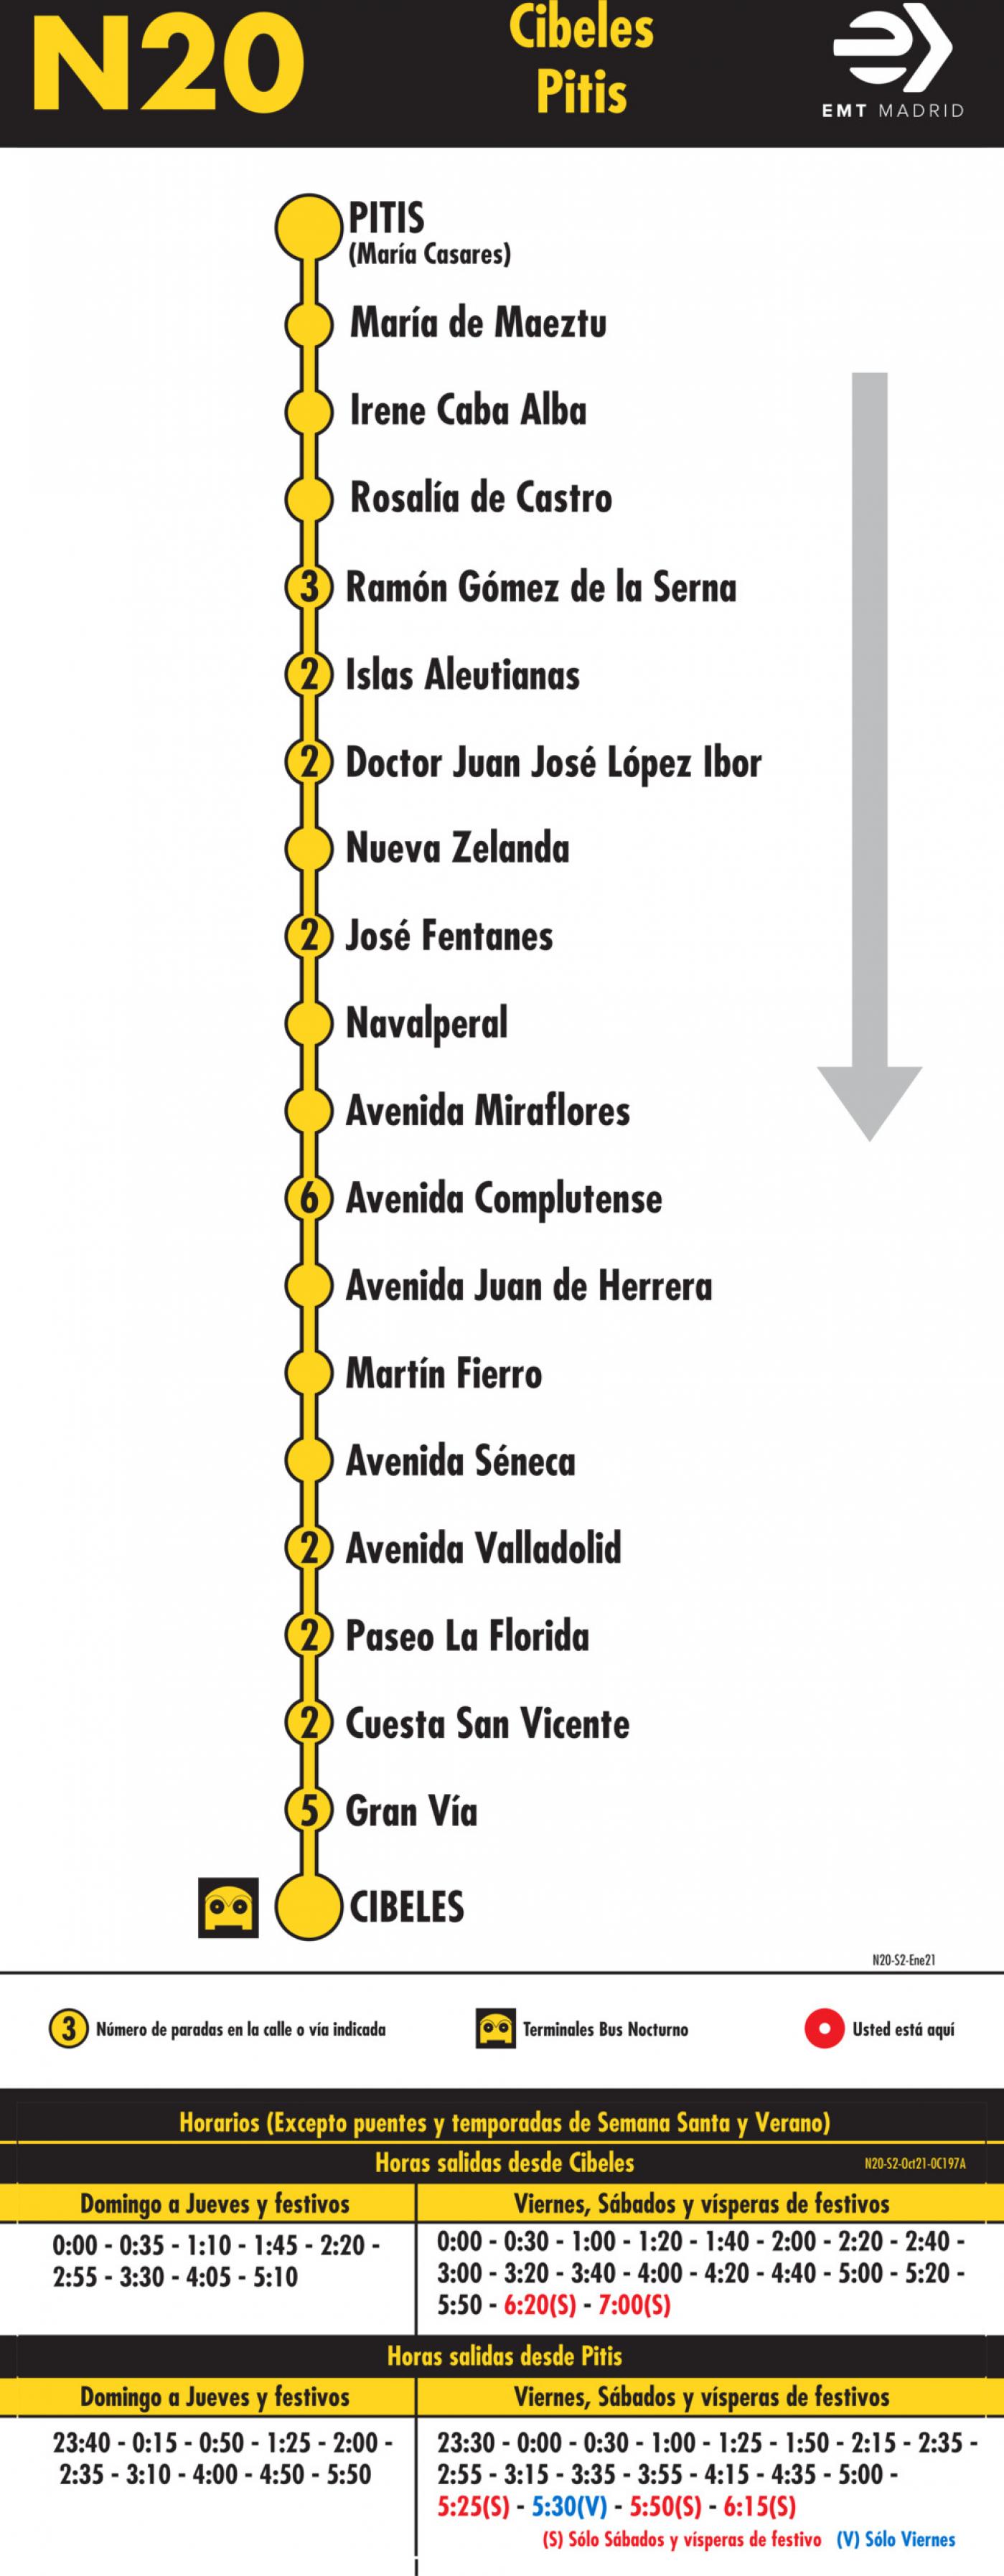 Tabla de horarios y frecuencias de paso en sentido vuelta Línea N20: Plaza de Cibeles - Barrio de Peñagrande (búho)